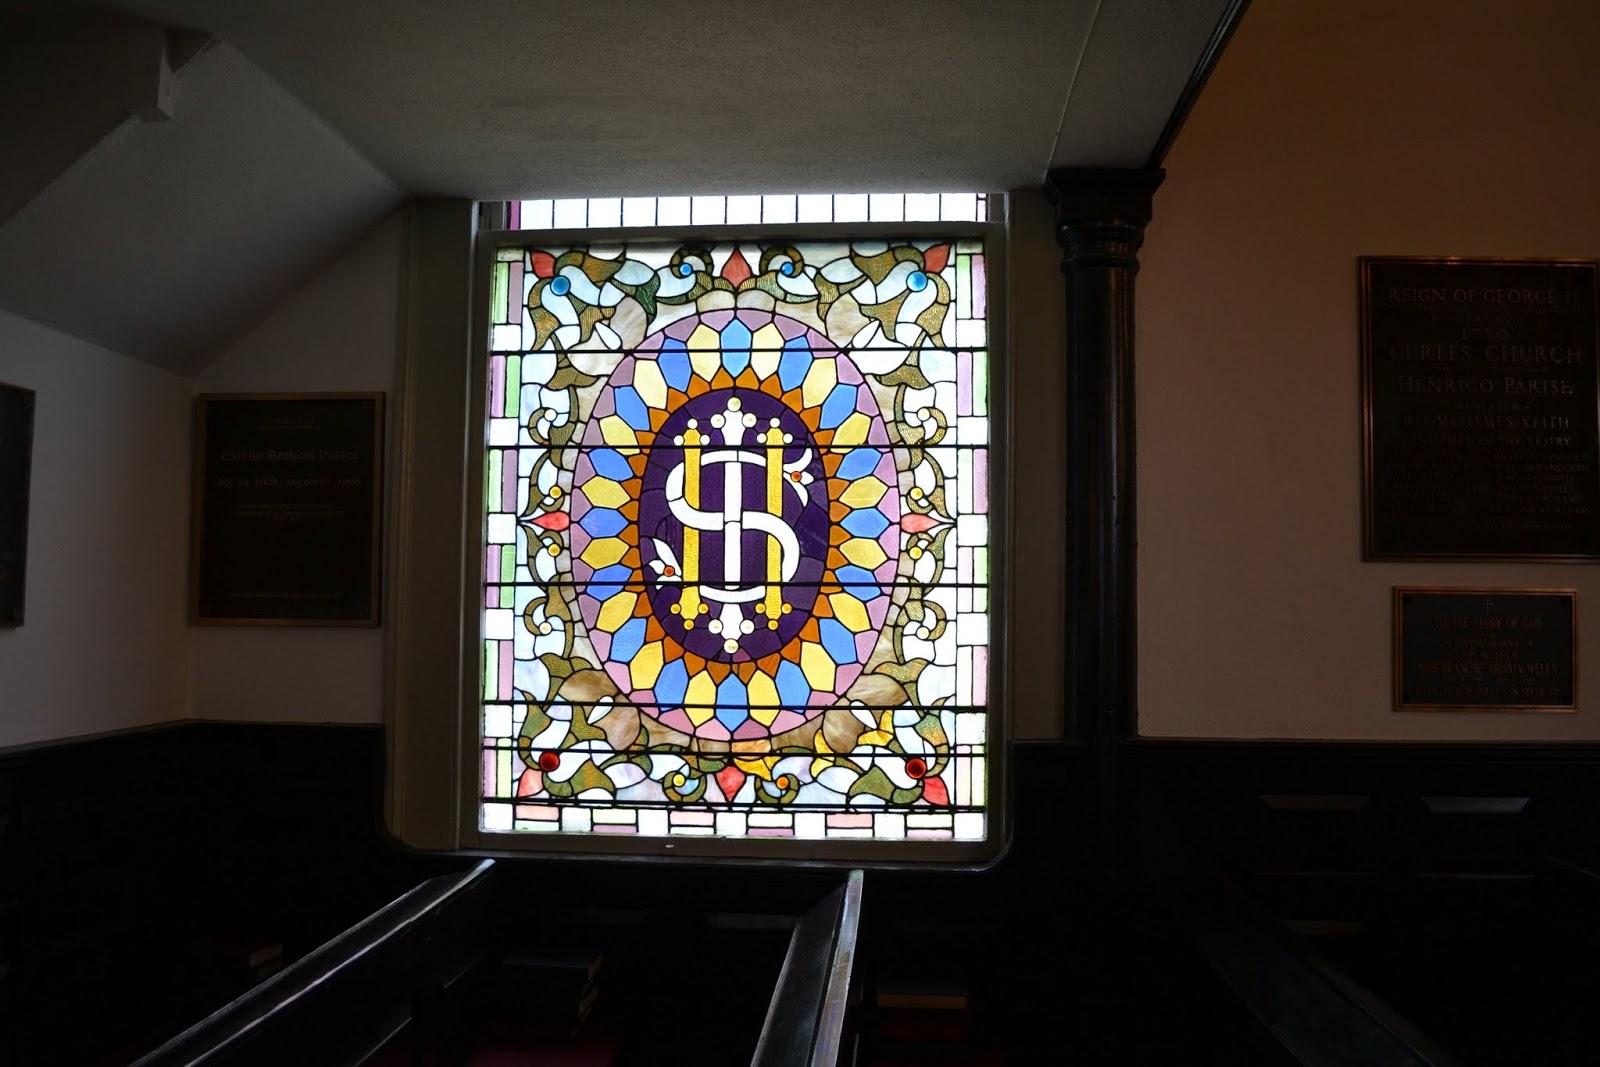 Церковь Святого Джона. Ричмонд, Вирджиния (St. John's Episcopal Church. Richmond, VA)